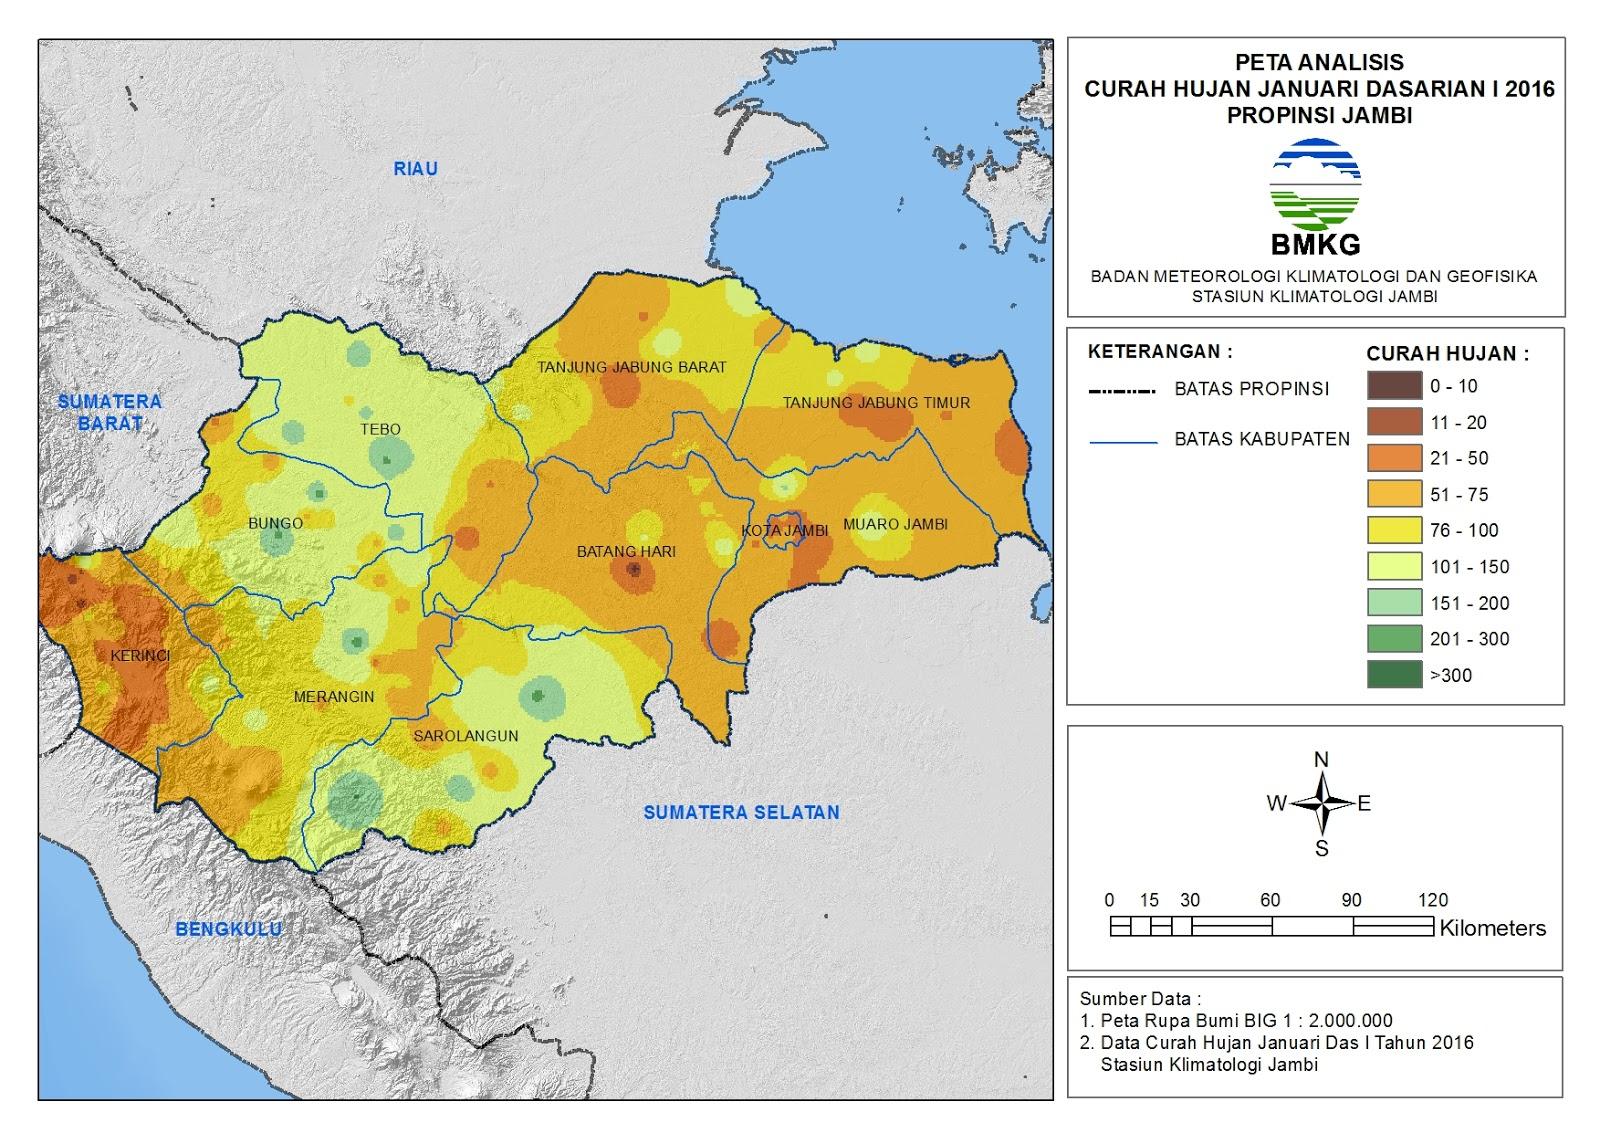 Analisis Curah Hujan Dasarian Januari 2016 Provinsi Jambi ...